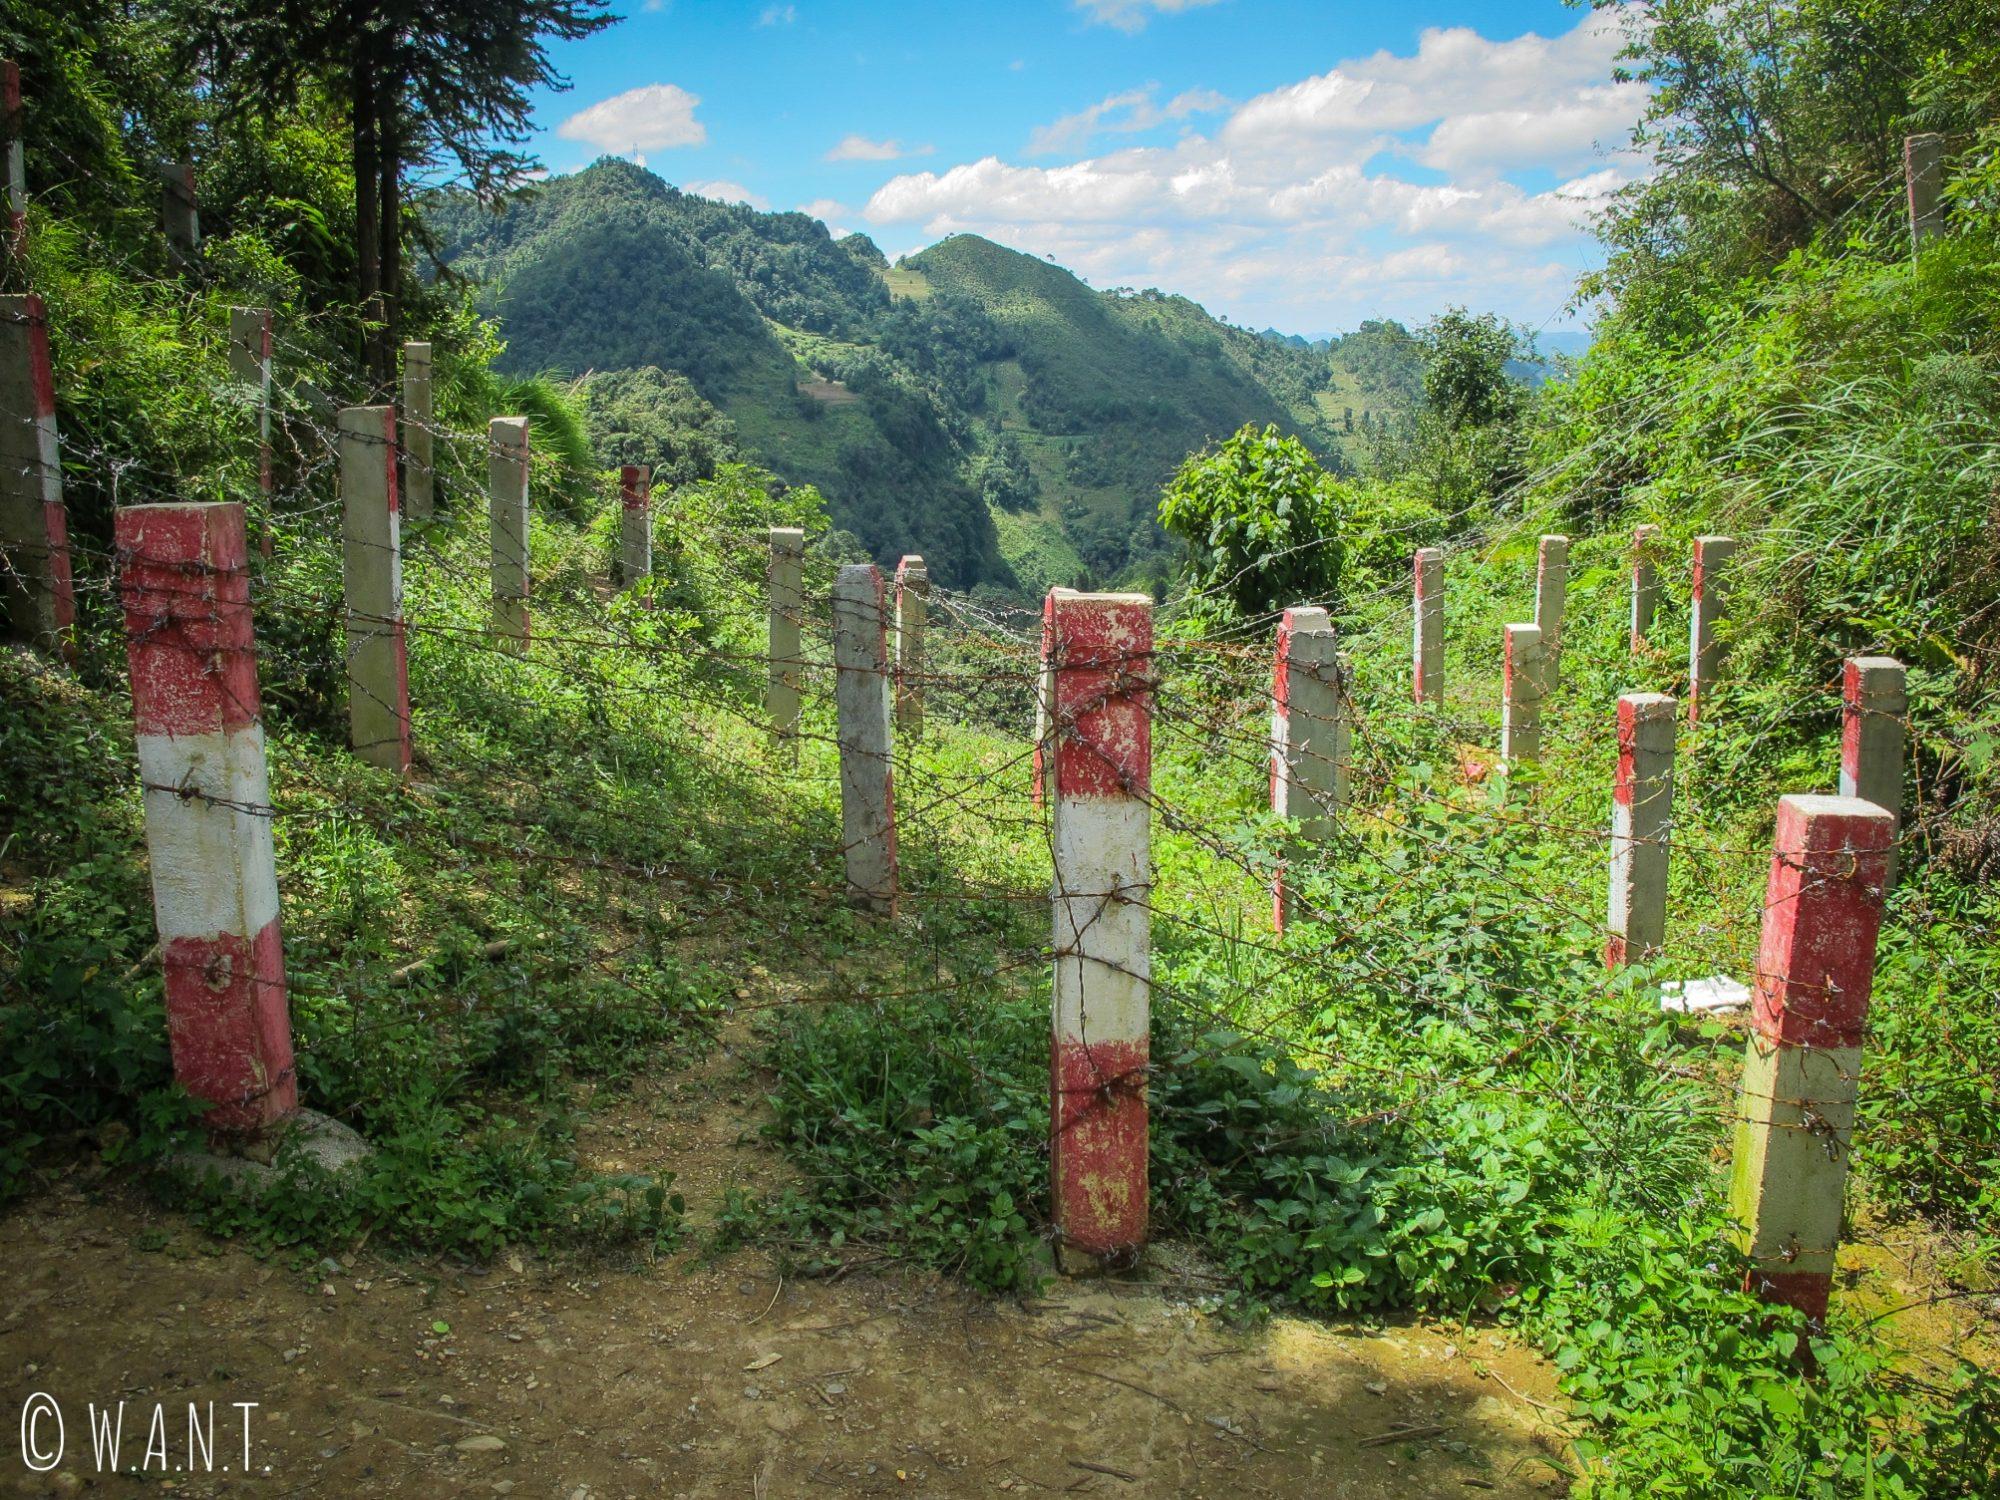 Frontière terrestre entre le Vietnam et la Chine sur la route de Lung Cu